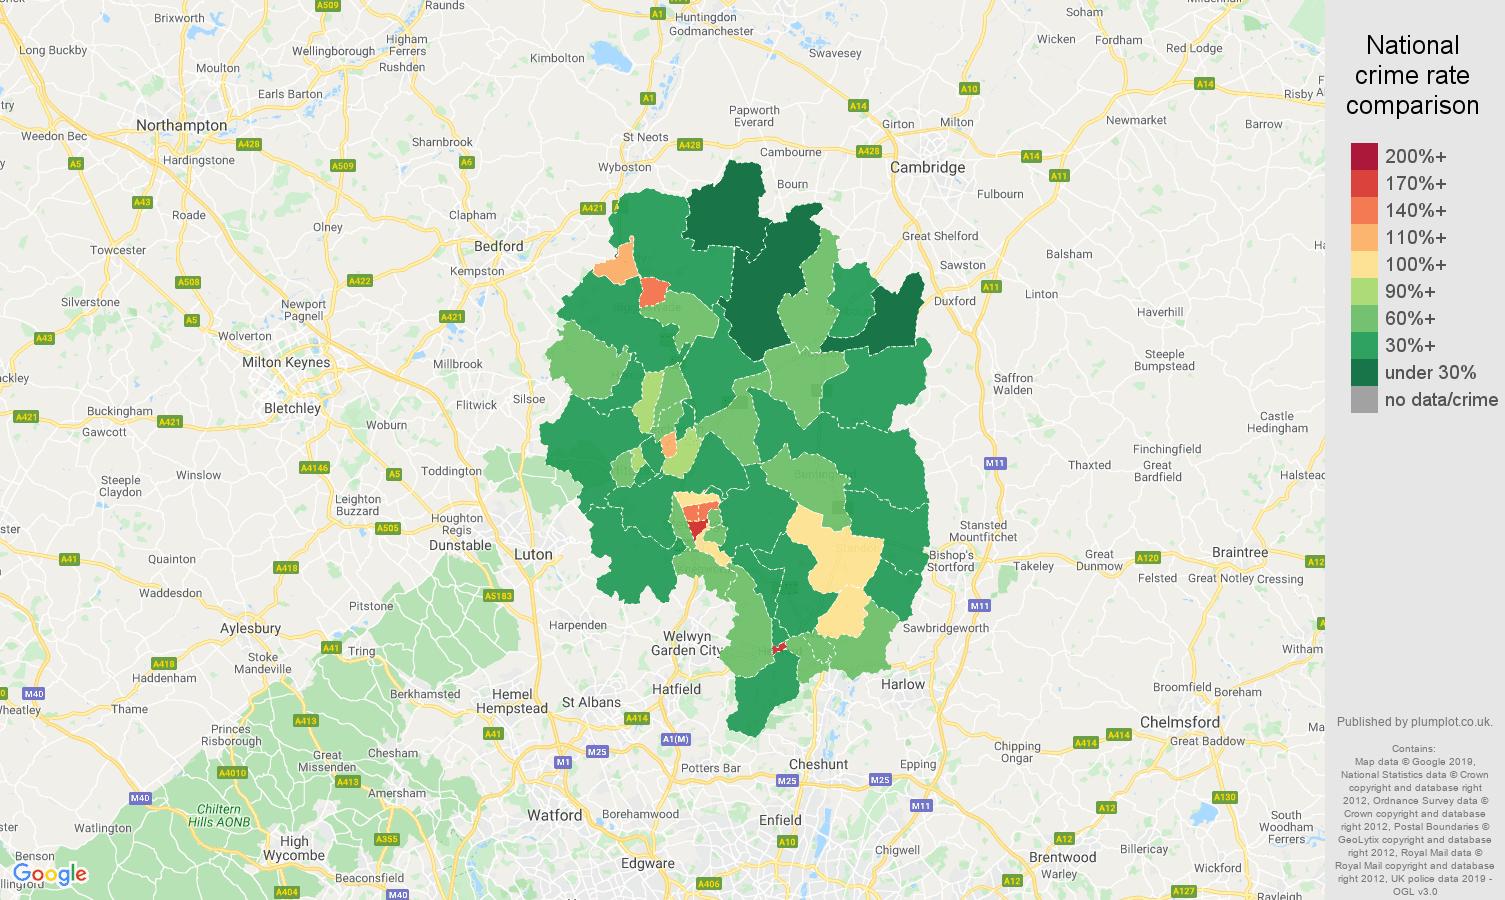 Stevenage public order crime rate comparison map